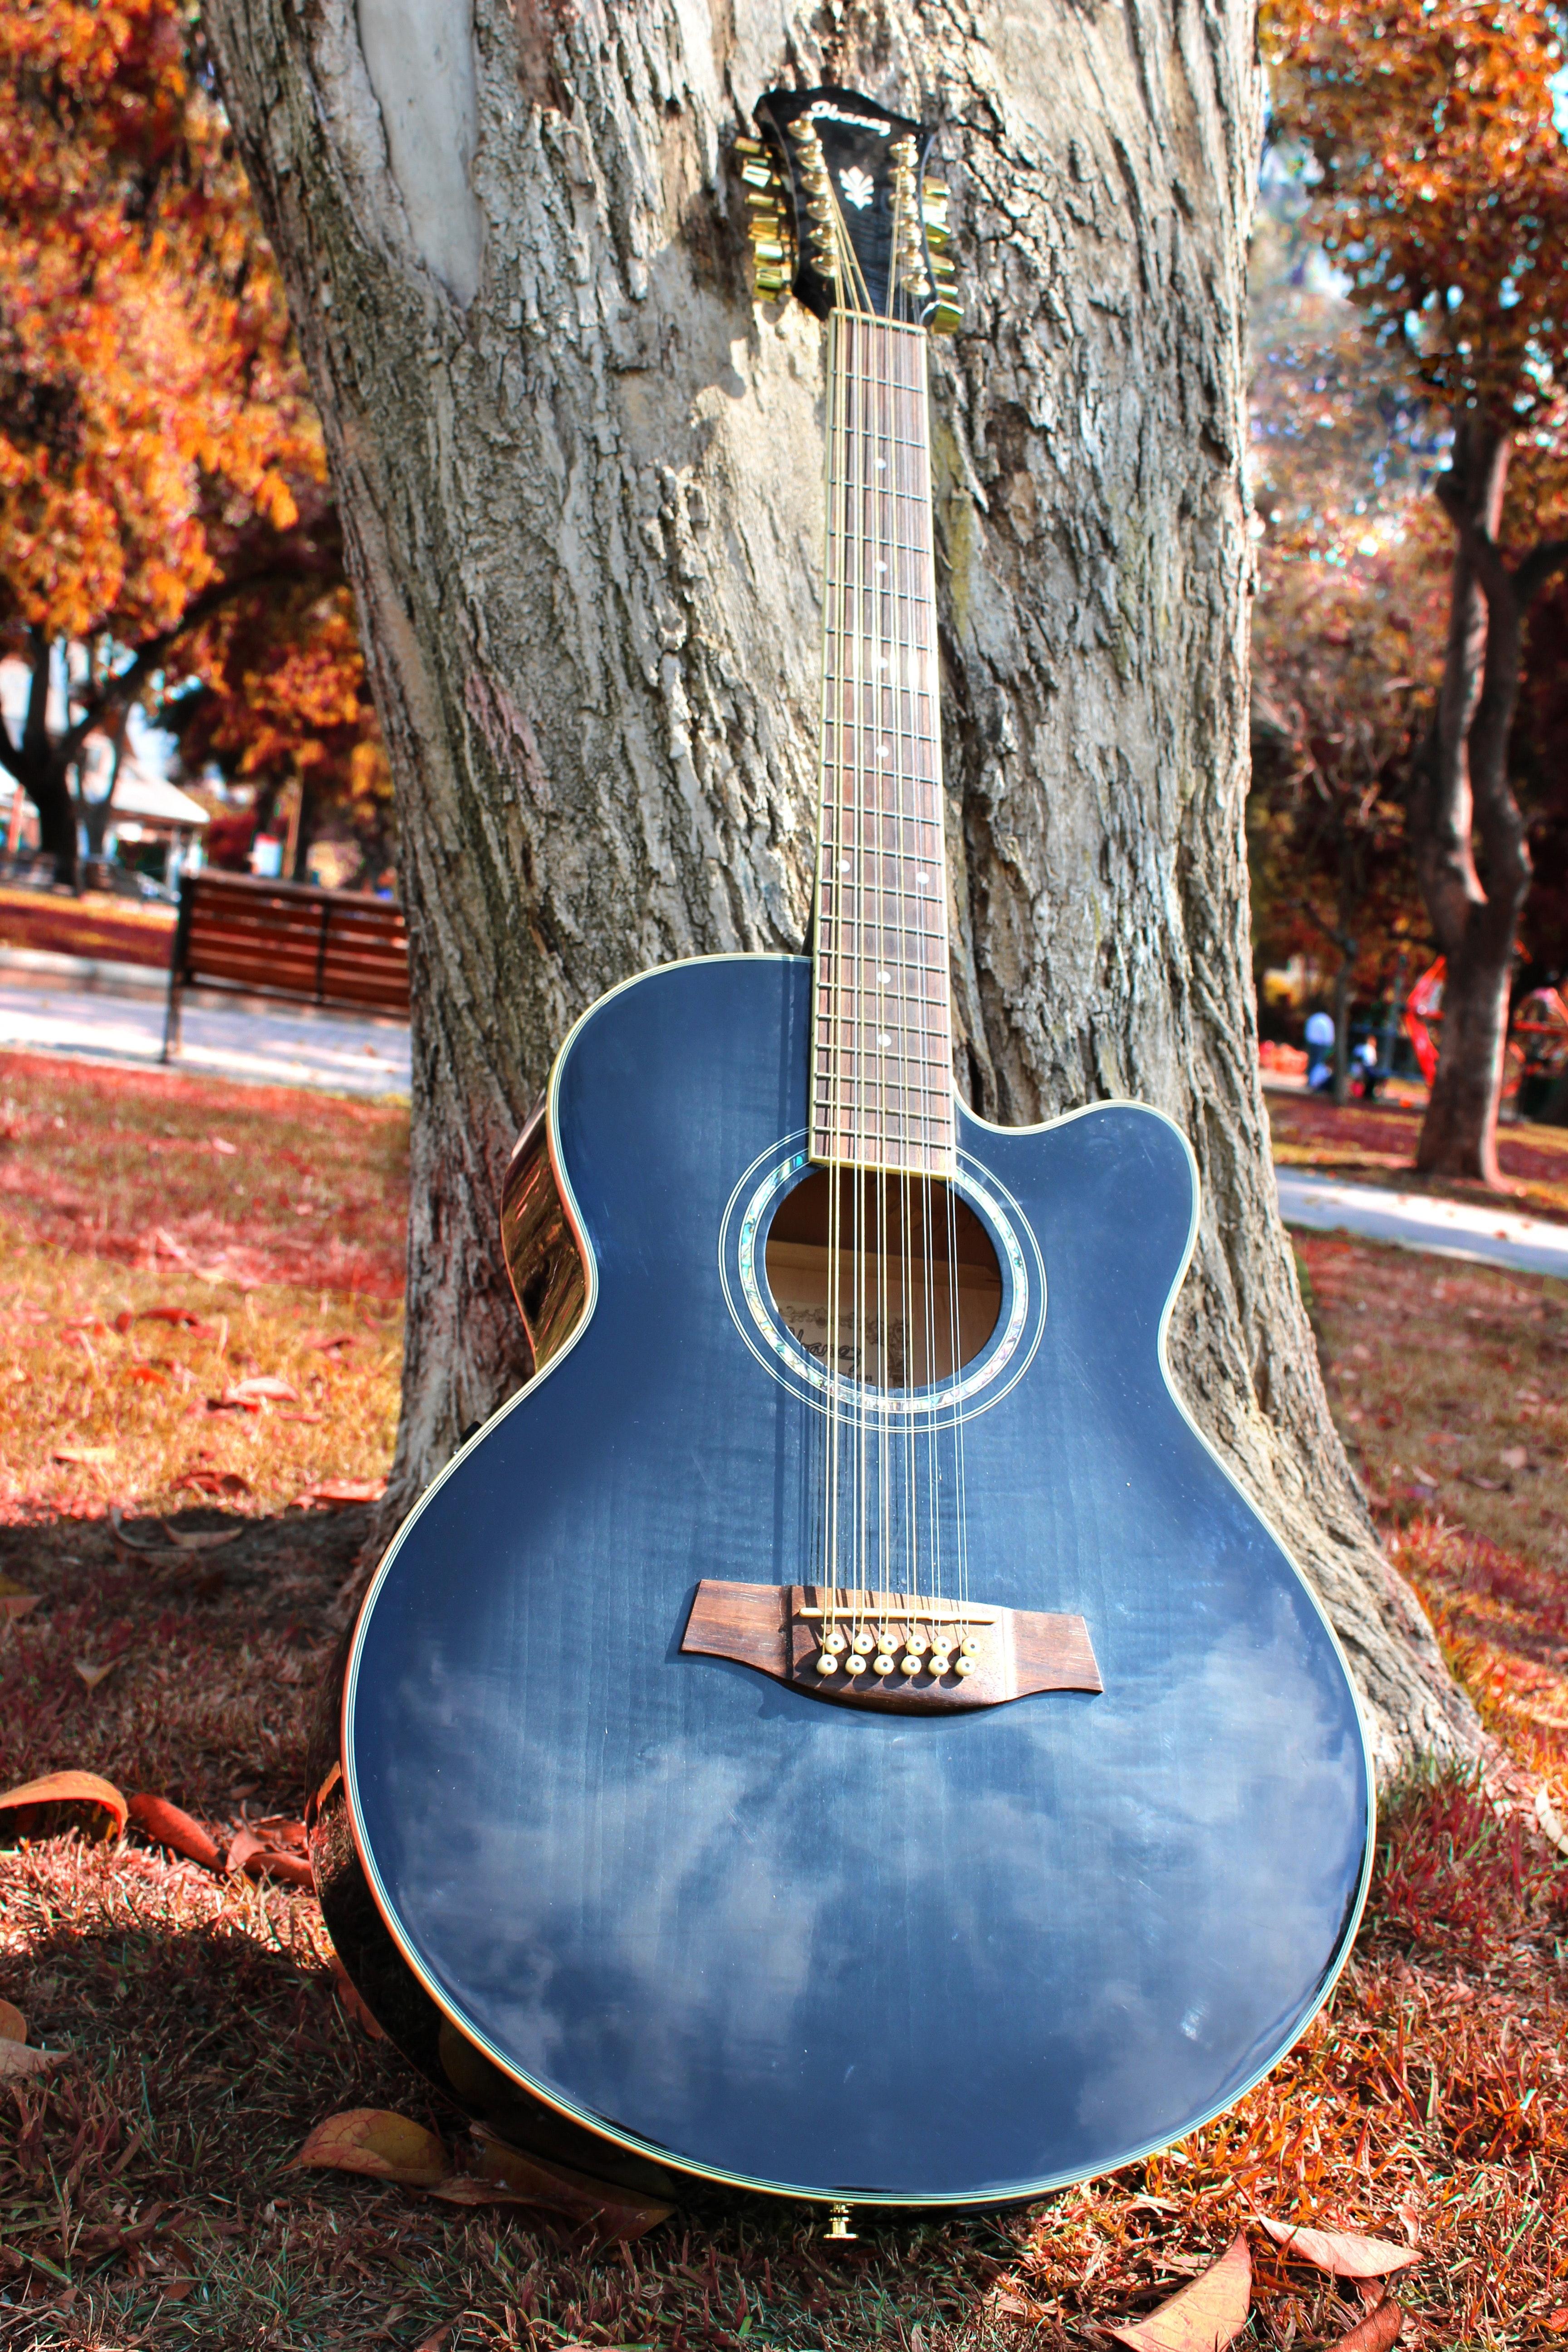 Blue Cut Away 12 String Guitar, Autumn, Fall, Guitar, Musical instrument, HQ Photo